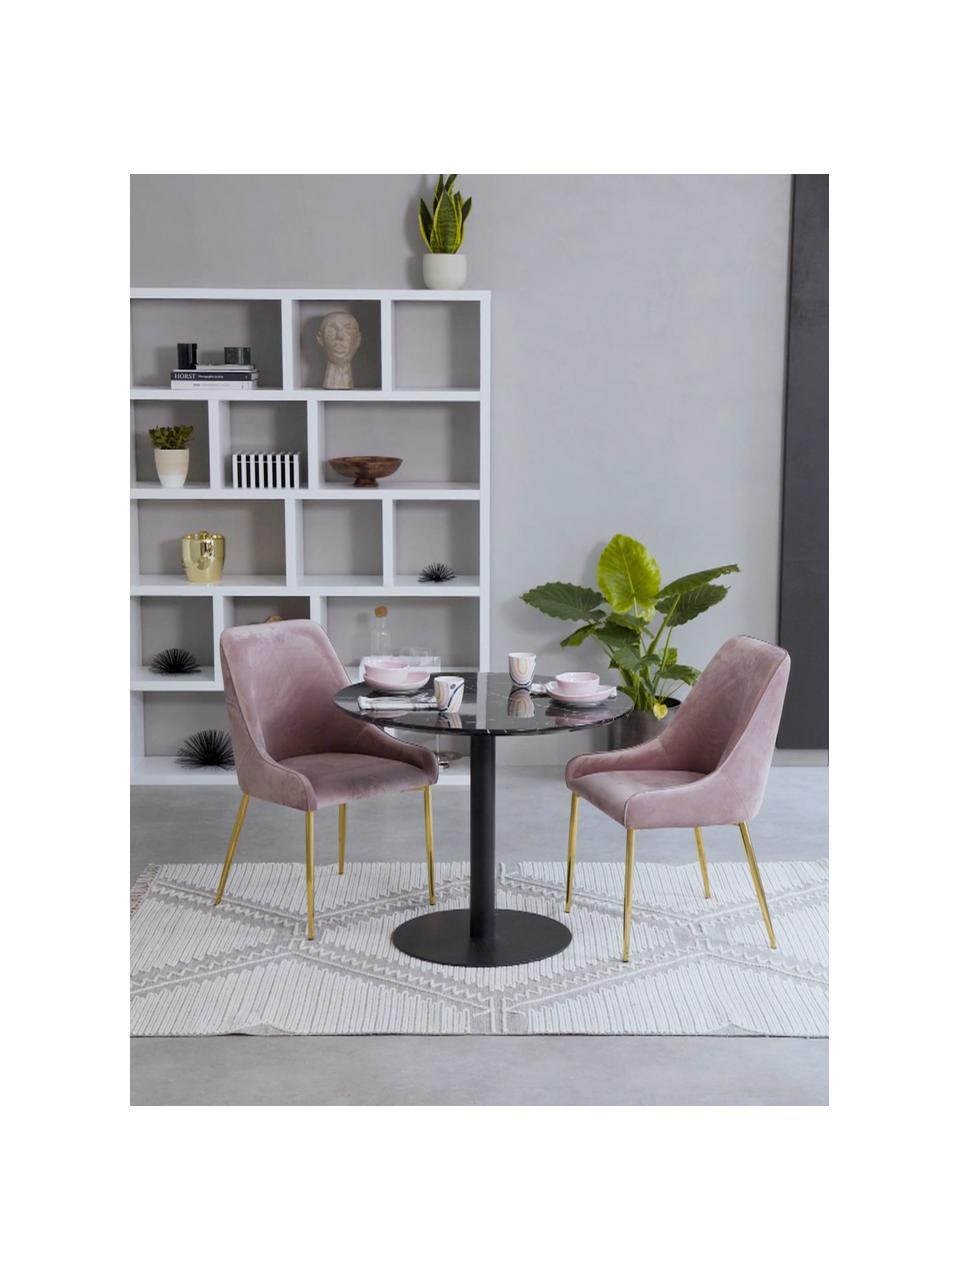 Samt-Polsterstuhl Ava in Rosa, Bezug: Samt (100% Polyester) Der, Beine: Metall, galvanisiert, Samt Mauve, B 53 x T 60 cm